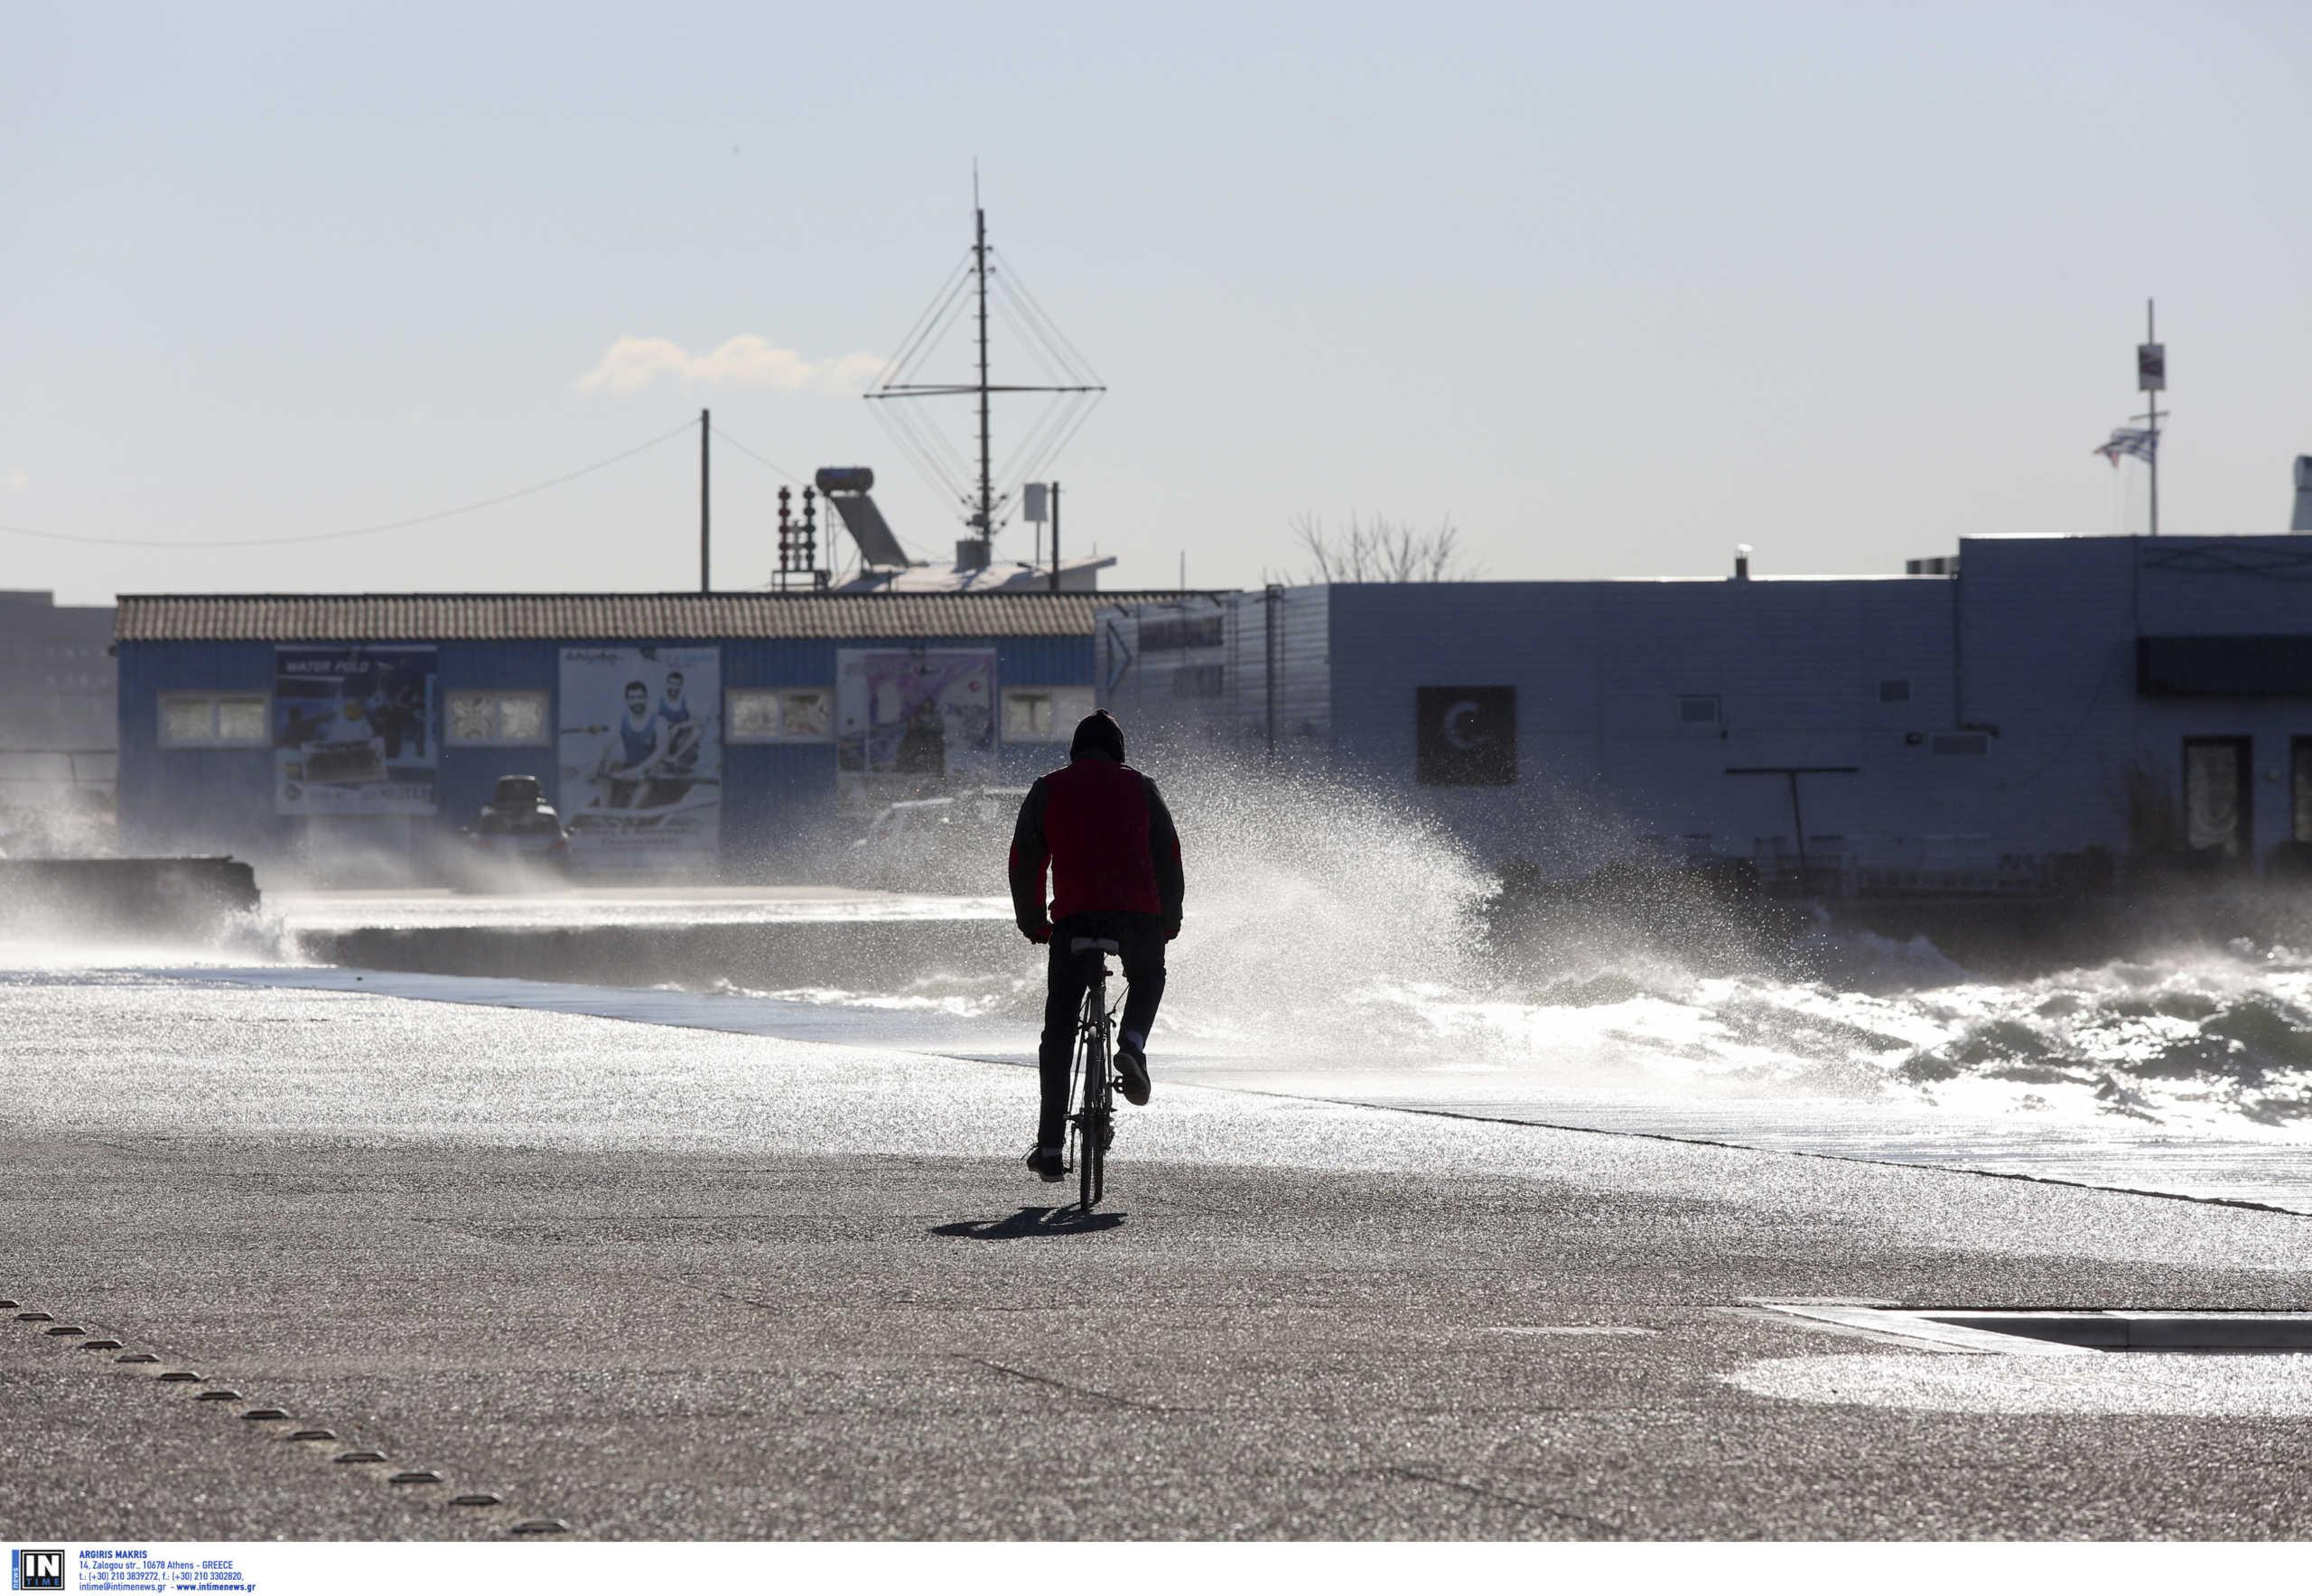 Μεγάλες ζημιές από το μανιασμένο αέρα στο Δήμο Θερμαϊκού